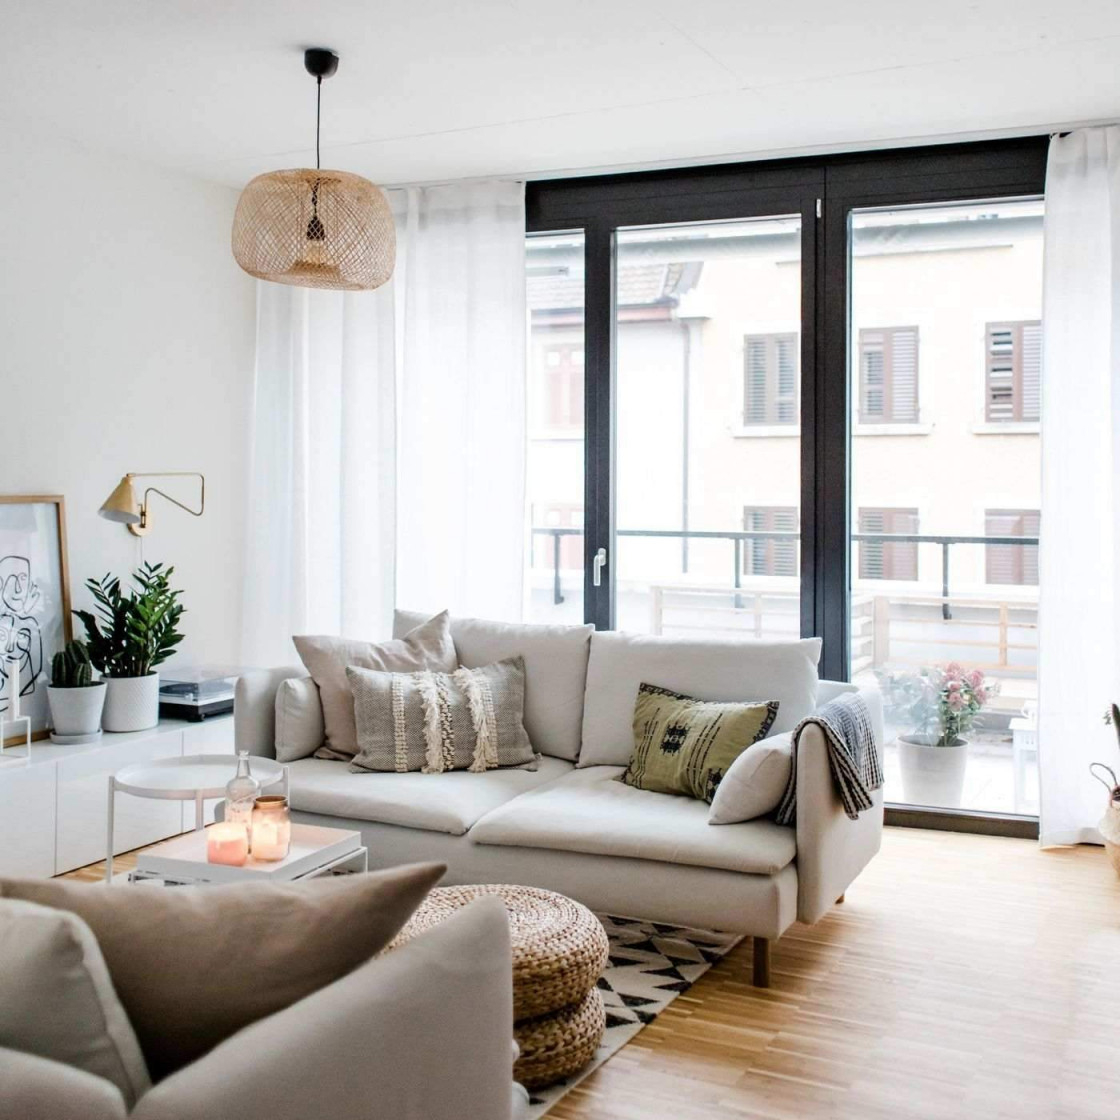 32 Luxus Kleine Wohnzimmer Modern Einrichten Genial von Kleine Wohnzimmer Modern Einrichten Bild